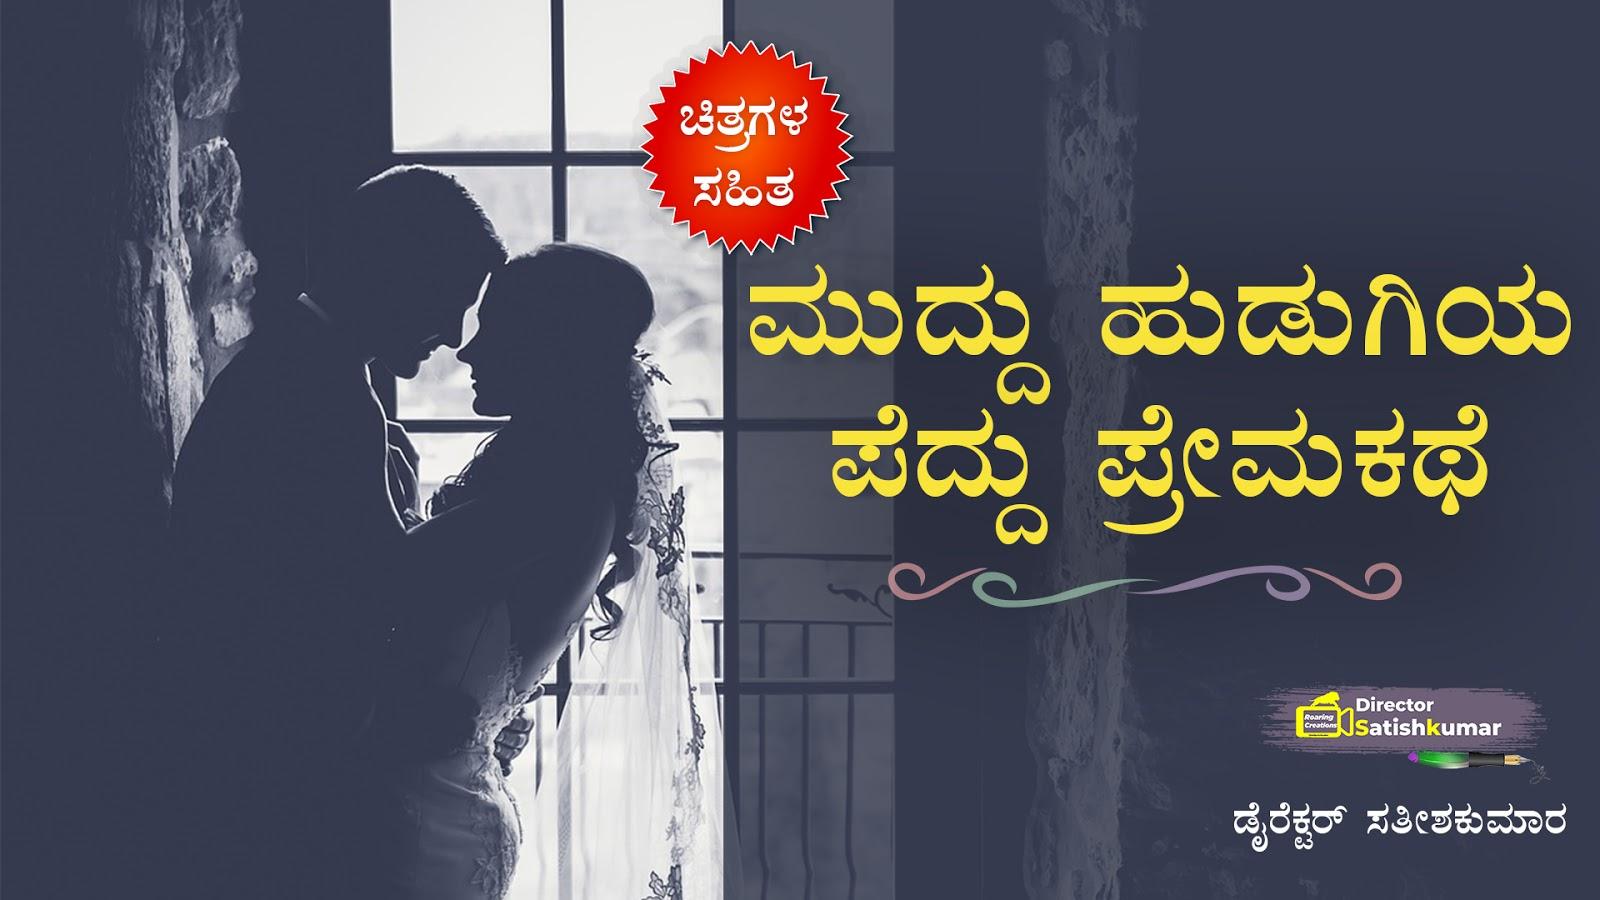 ಮುದ್ದು ಹುಡುಗಿಯ ಪೆದ್ದು ಪ್ರೇಮಕಥೆ - Kannada Sad Love Story